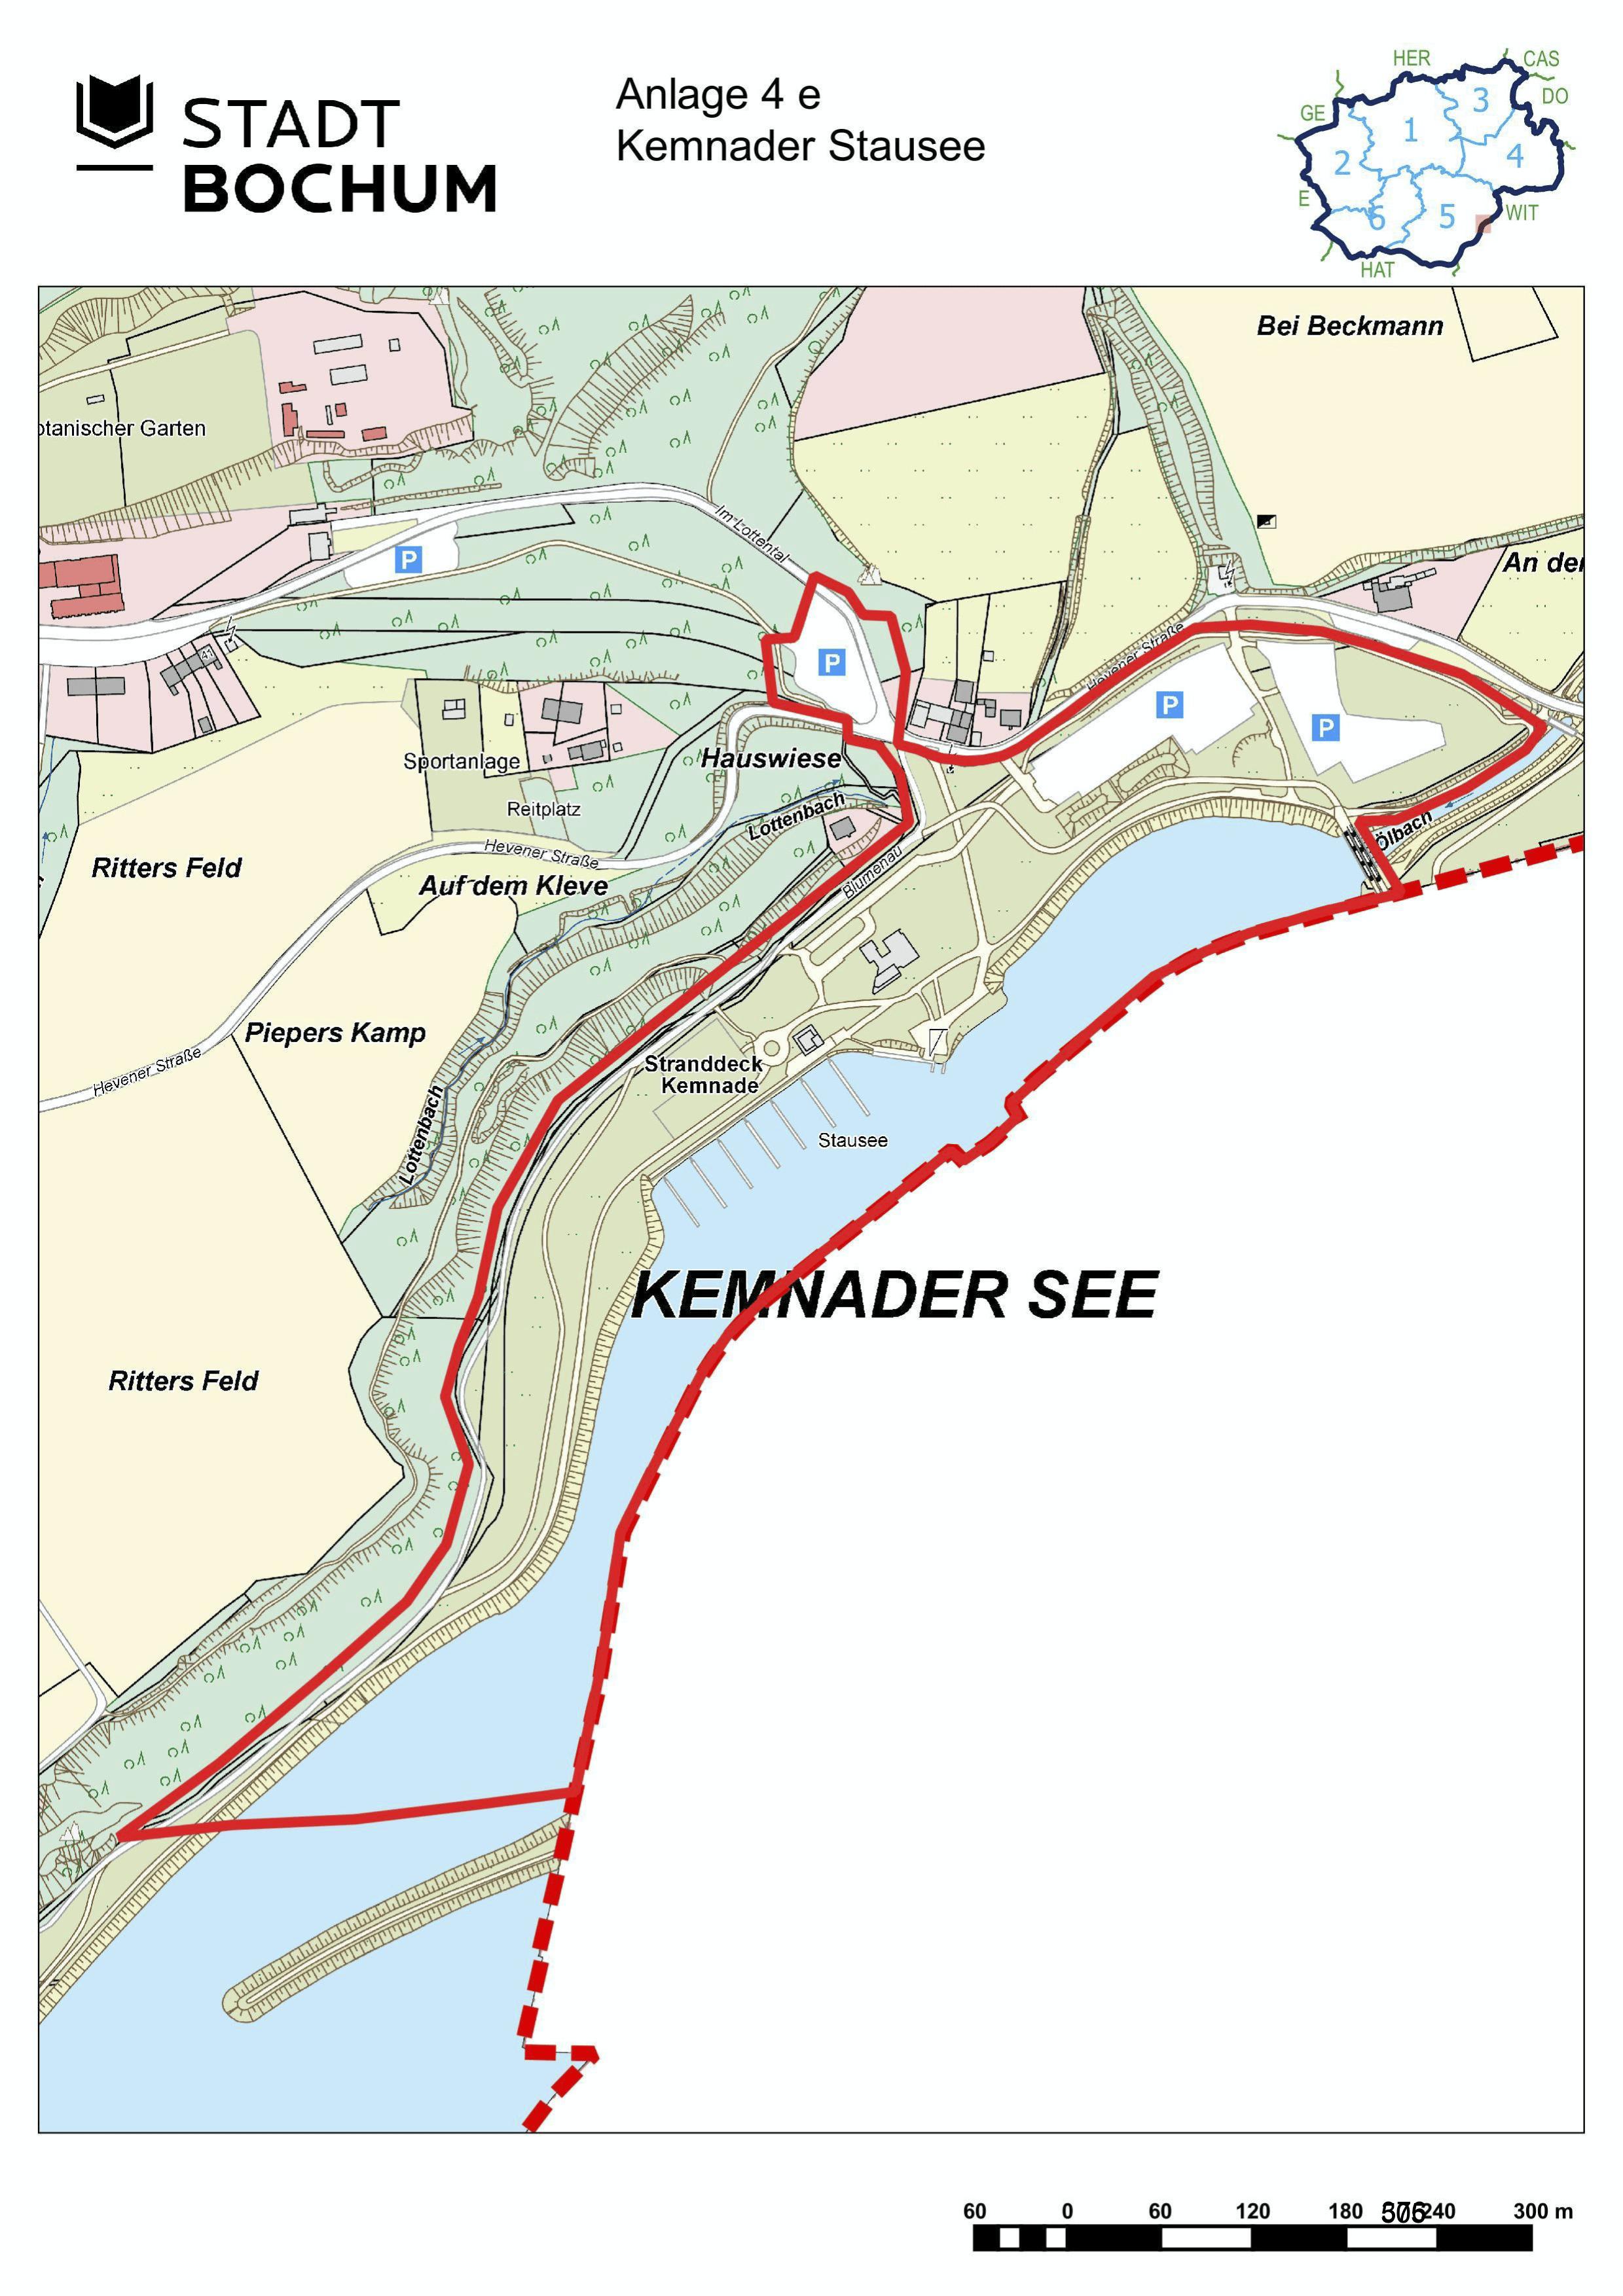 Anlage 4e (Kemnader See) der Sonderausgabe des Amtsblatts (28/2021)